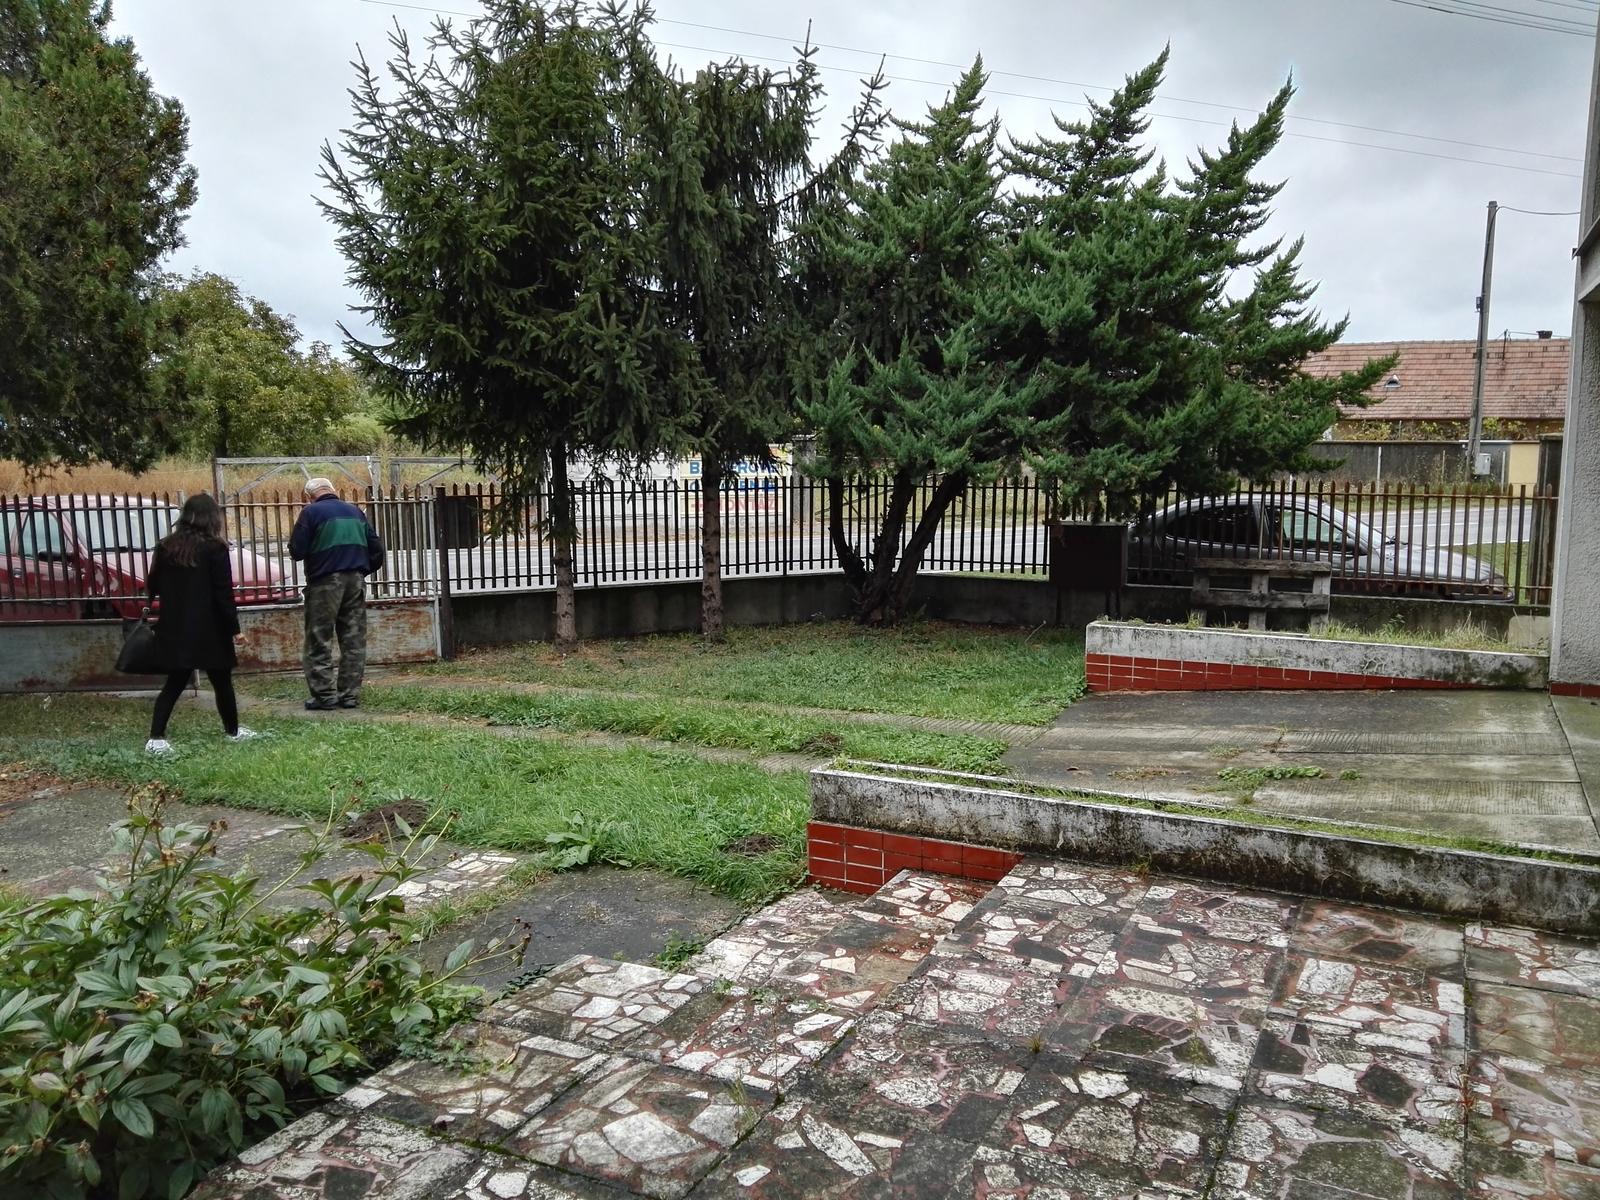 Rekonstrukcia RD - Stromy jak vedla ciganskej osady, (elektrikari zrezali vrch), budú musieť ísť preč. Ten napravo rastie tiež jak pod vplyvom.